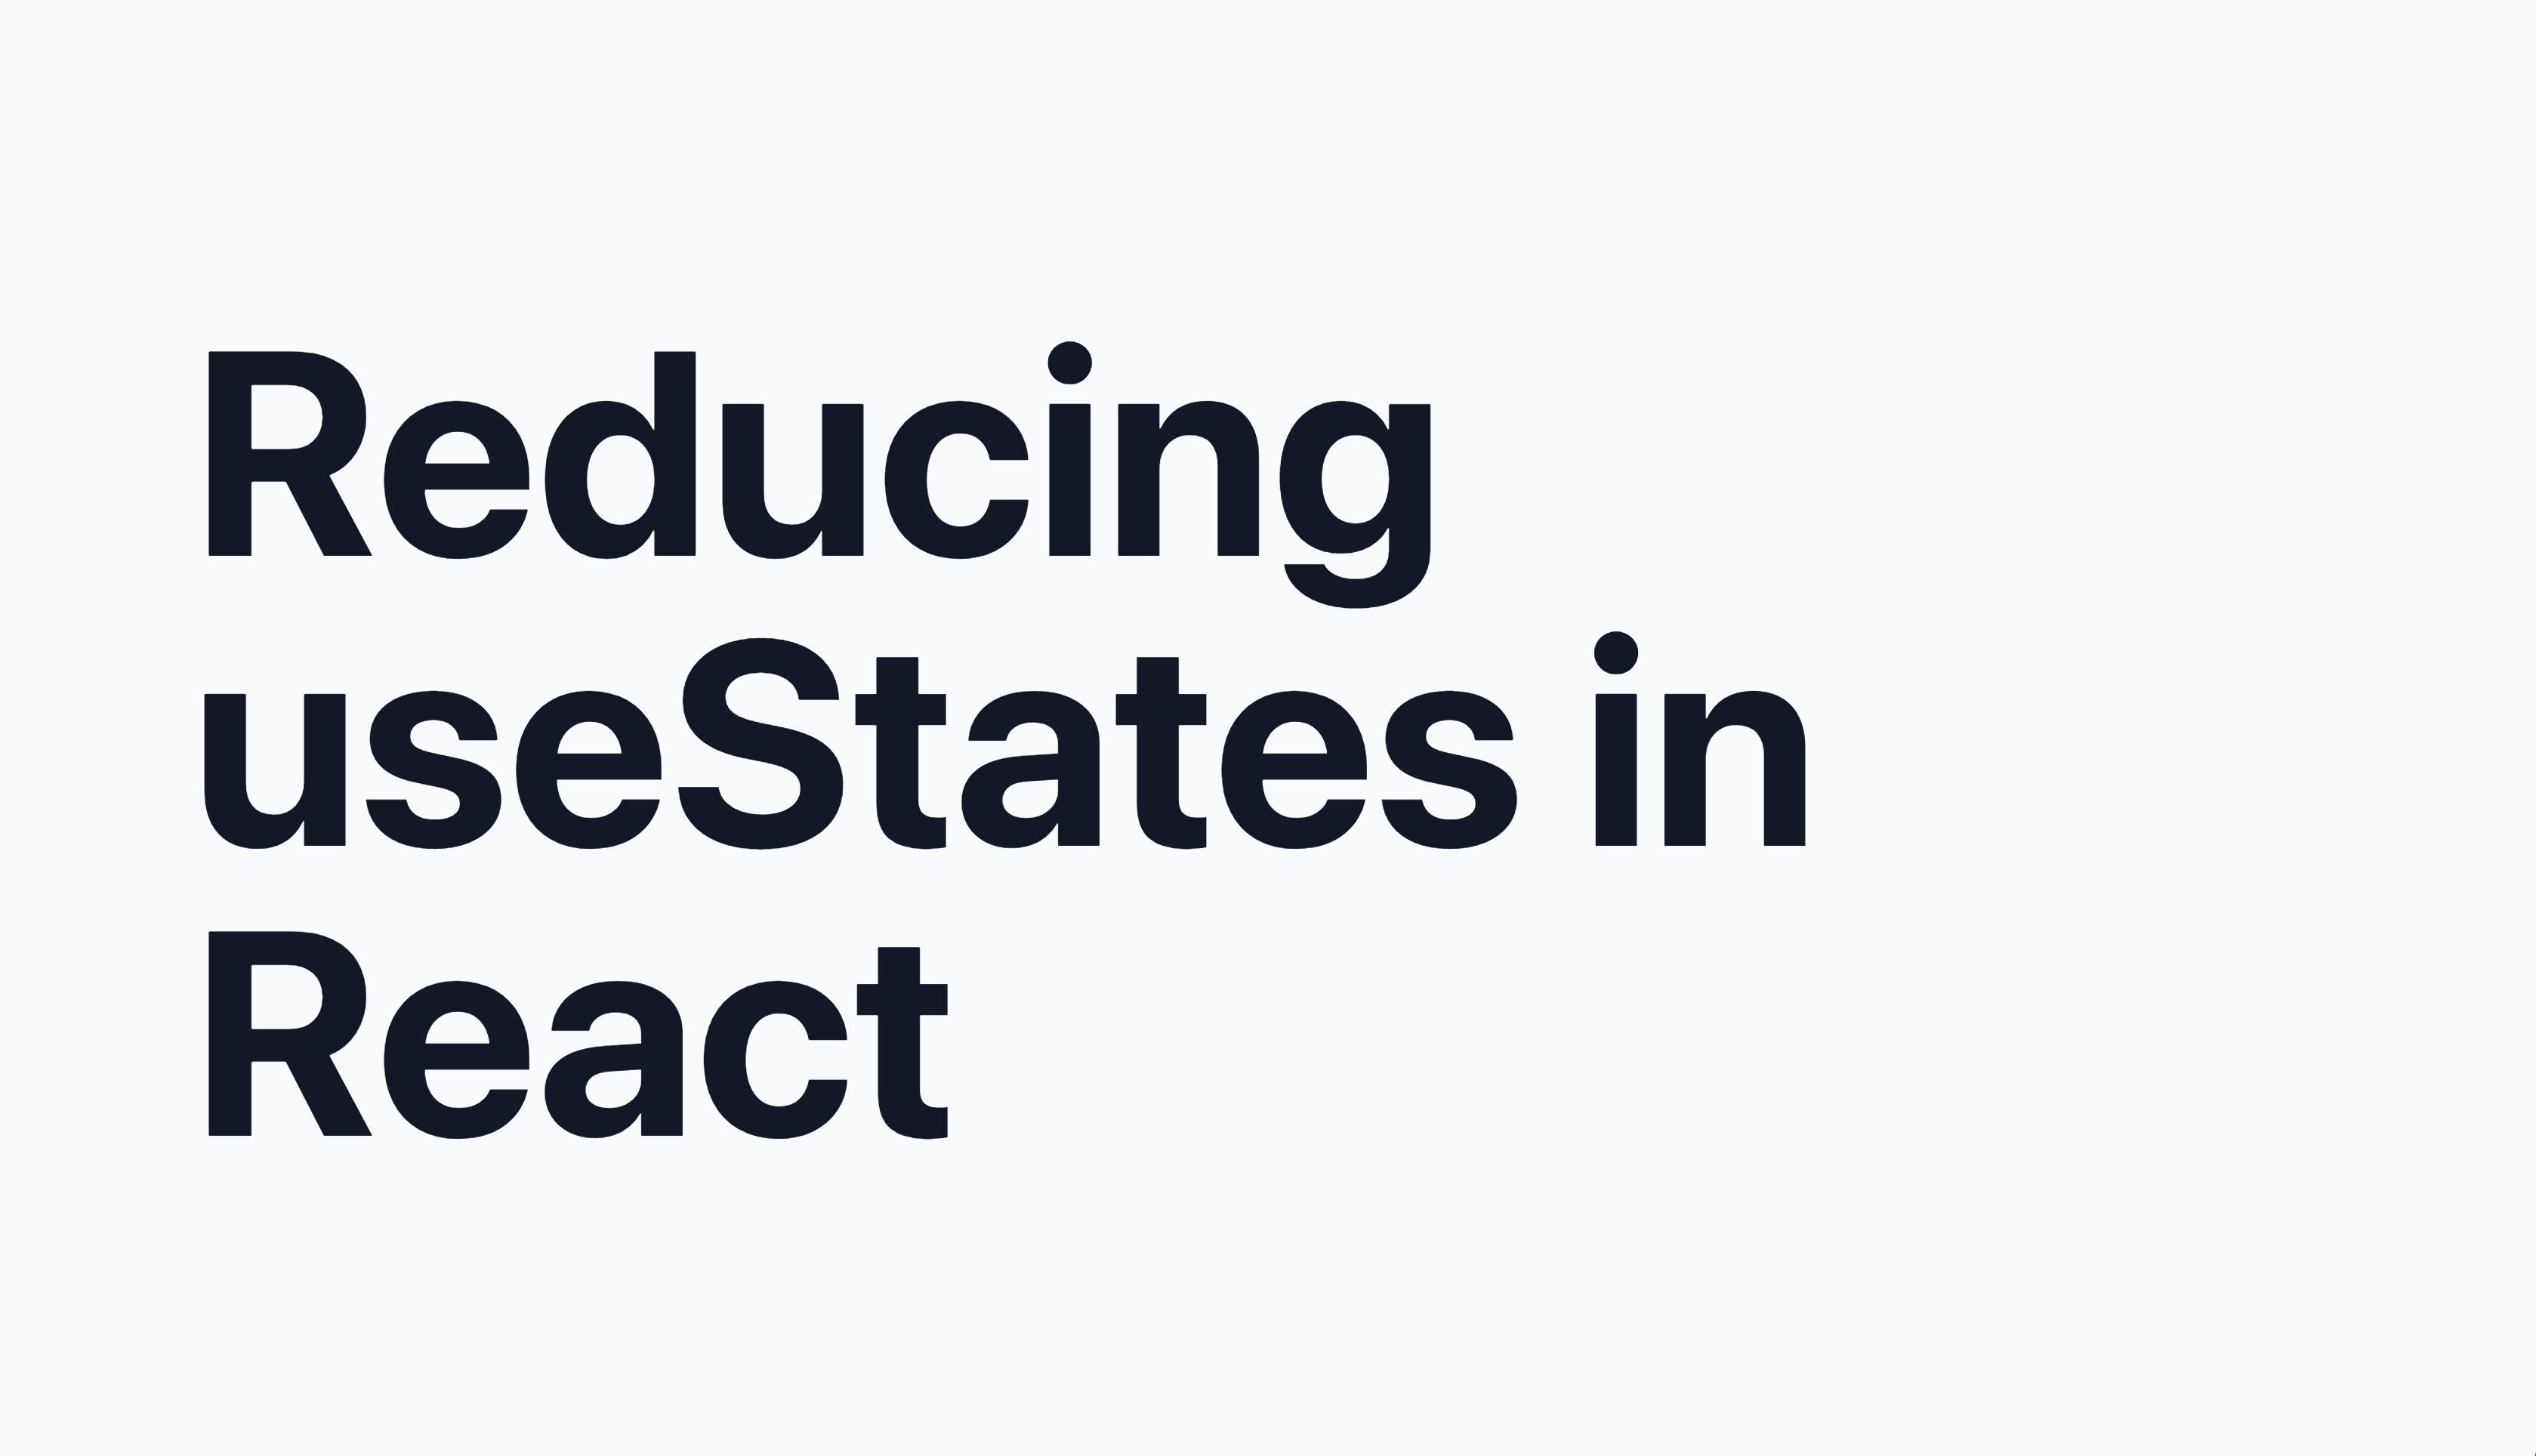 Reducing useStates in React thumbnail